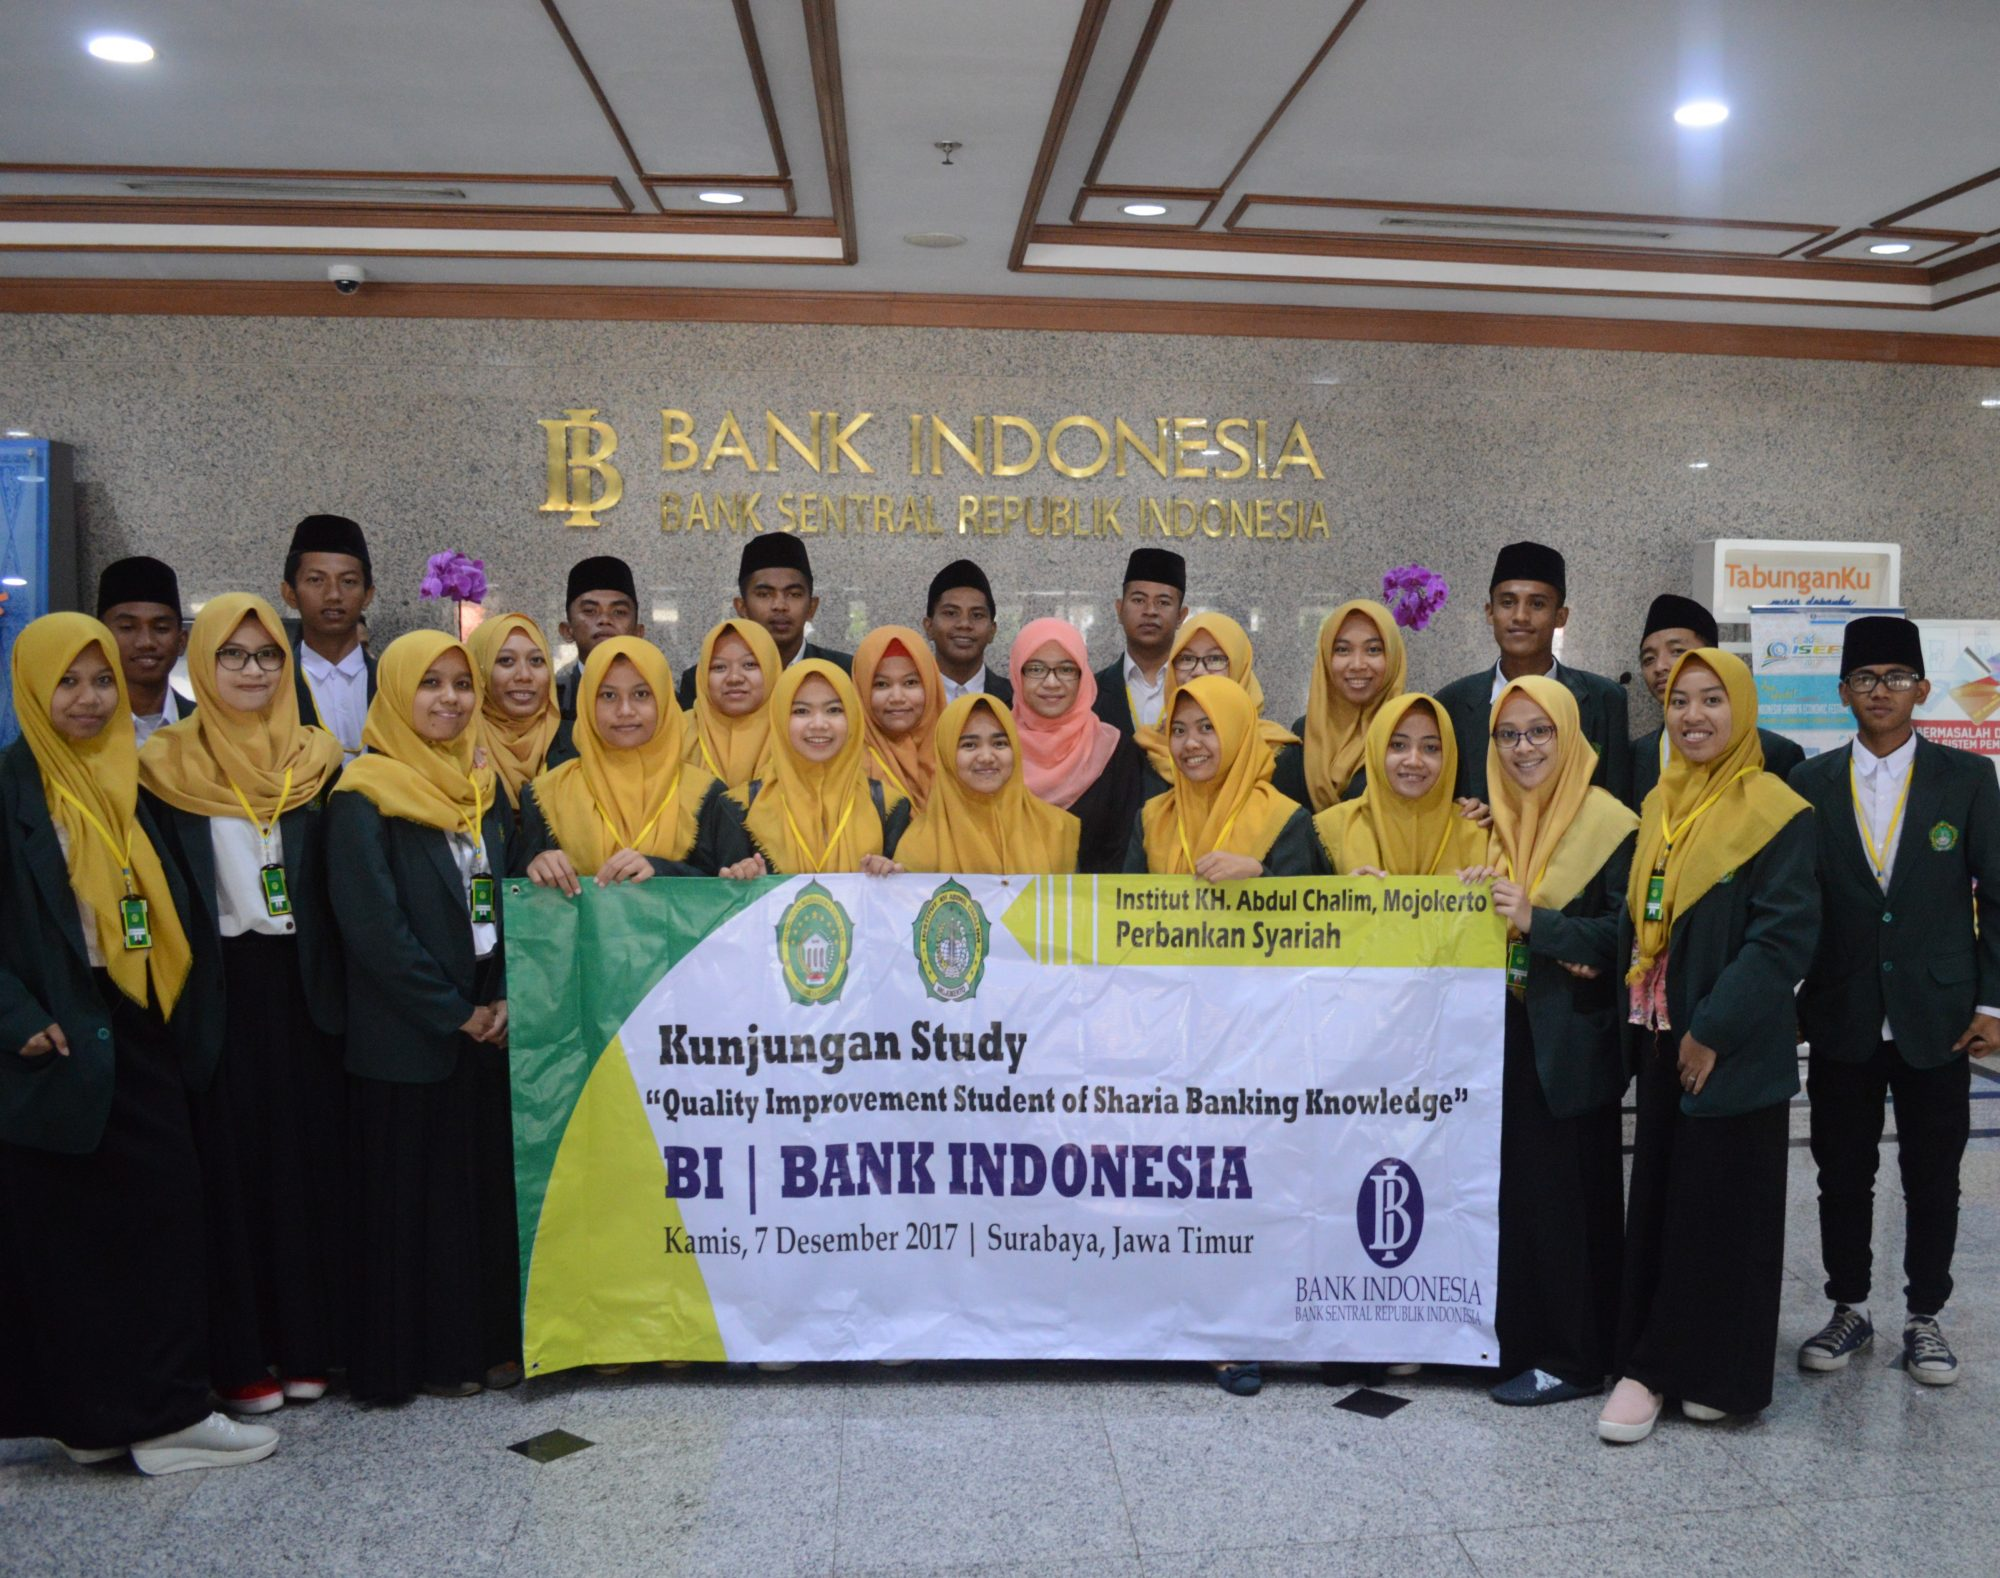 STUDI KUNJUNGAN MAHASISWA PERBANKAN SYARIAH KE BANK INDONESIA